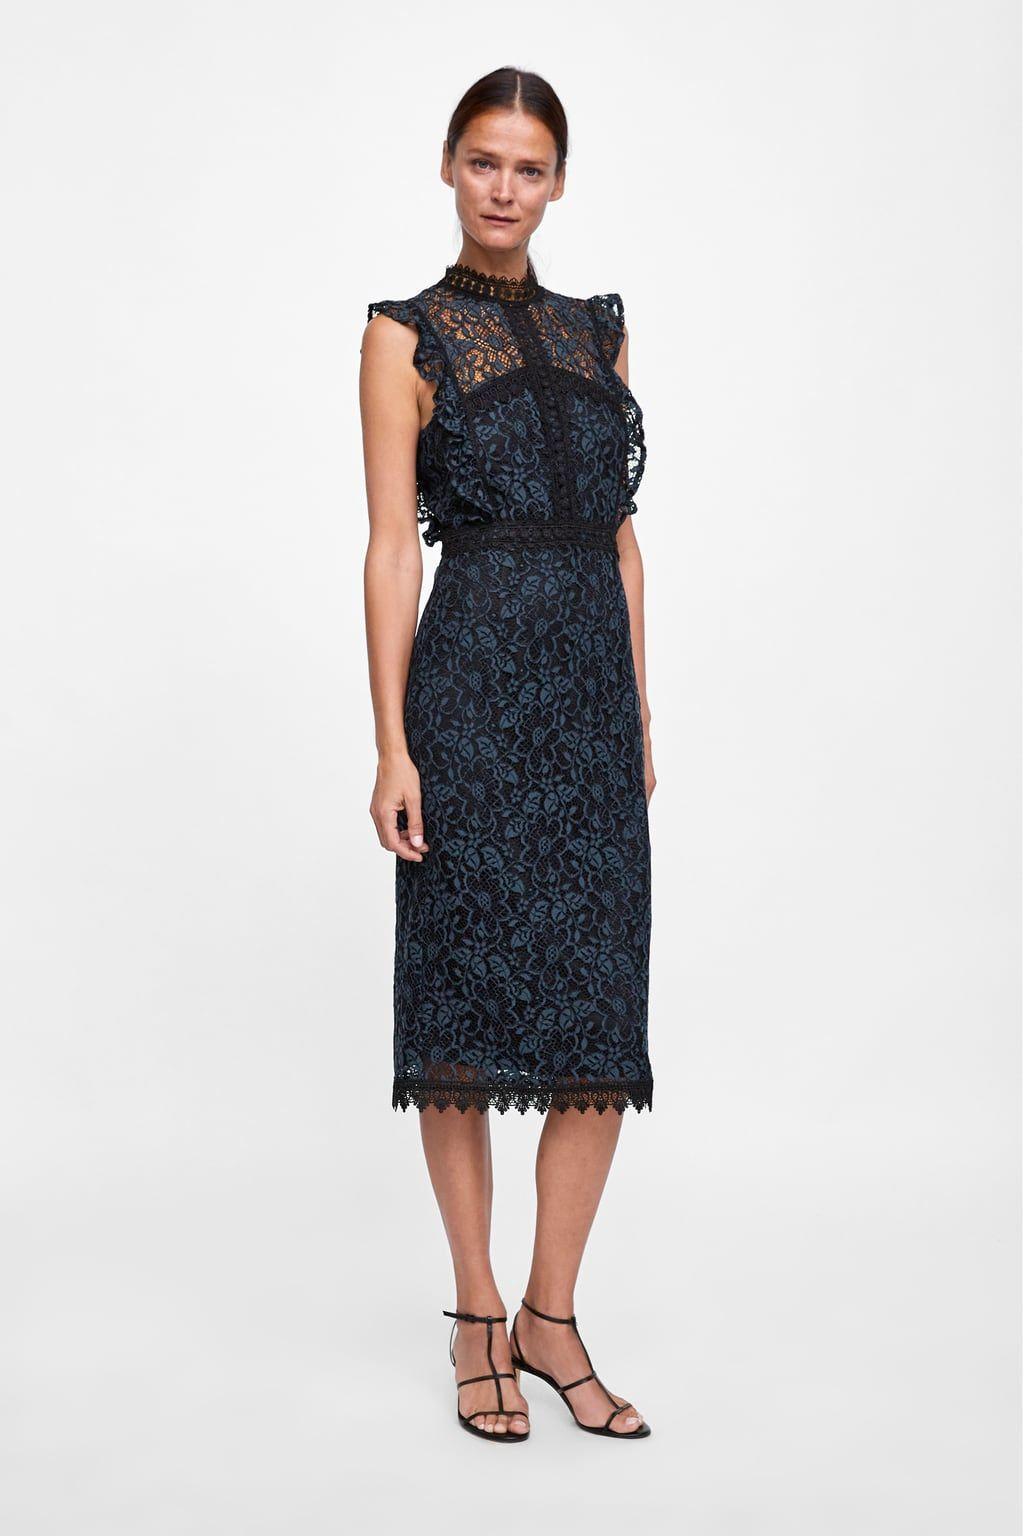 Lace Dresses Women